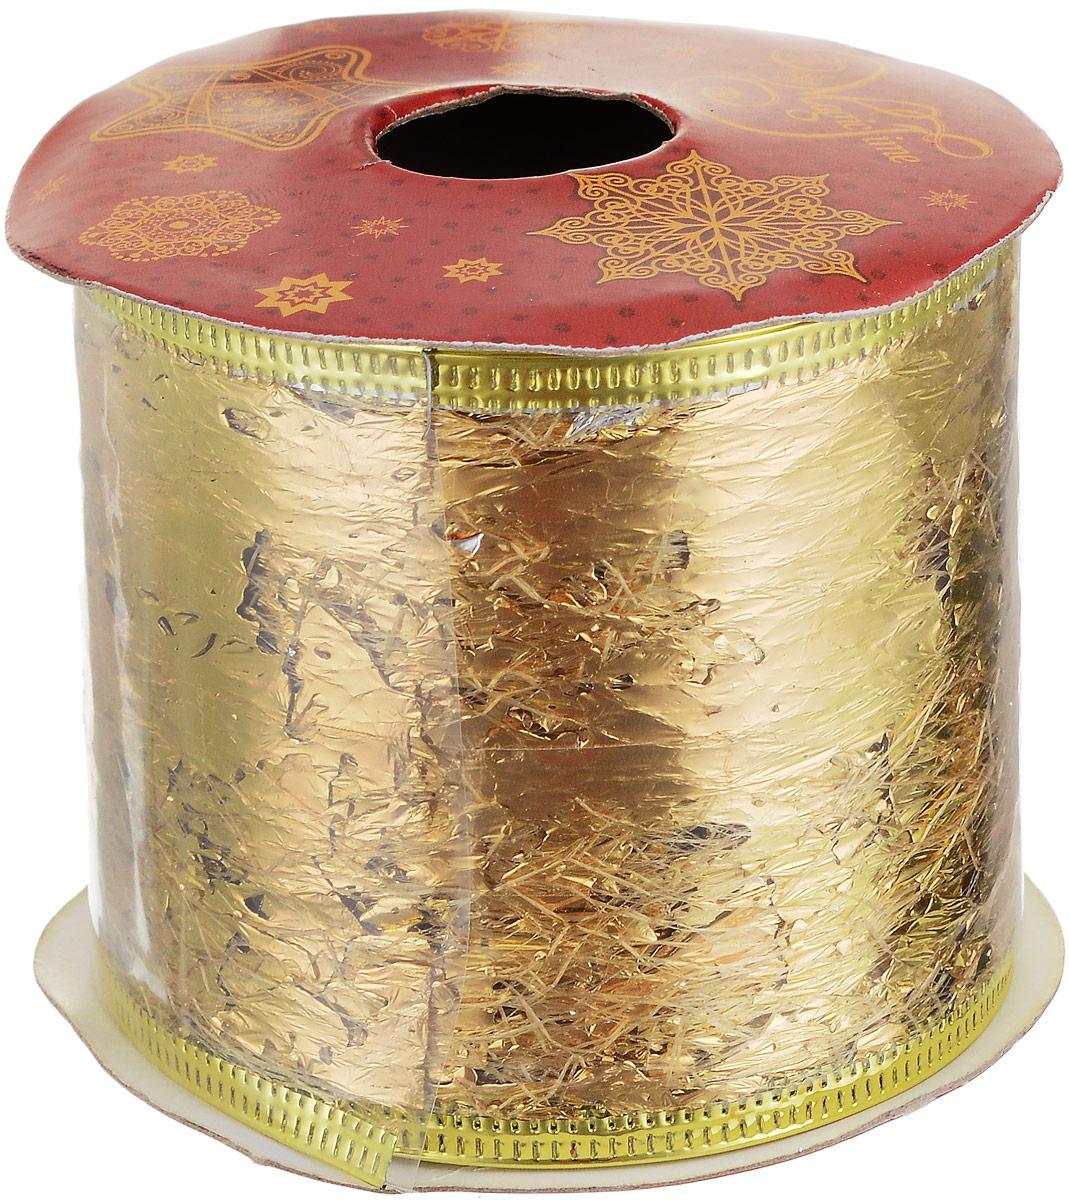 Лента новогодняя Magic Time Фольга, 6,3 х 270 см42797Новогодняя декоративная лента Magic Time Фольга выполнена из полиэстера. В края ленты вставлена проволока, благодаря чему ее легко фиксировать. Лента предназначена для оформления подарочных коробок, пакетов. Кроме того, декоративная лента с успехом применяется для художественного оформления витрин, праздничного оформления помещений, изготовления искусственных цветов. Декоративная лента украсит интерьер вашего дома к праздникам.Ширина ленты: 6,3 см.